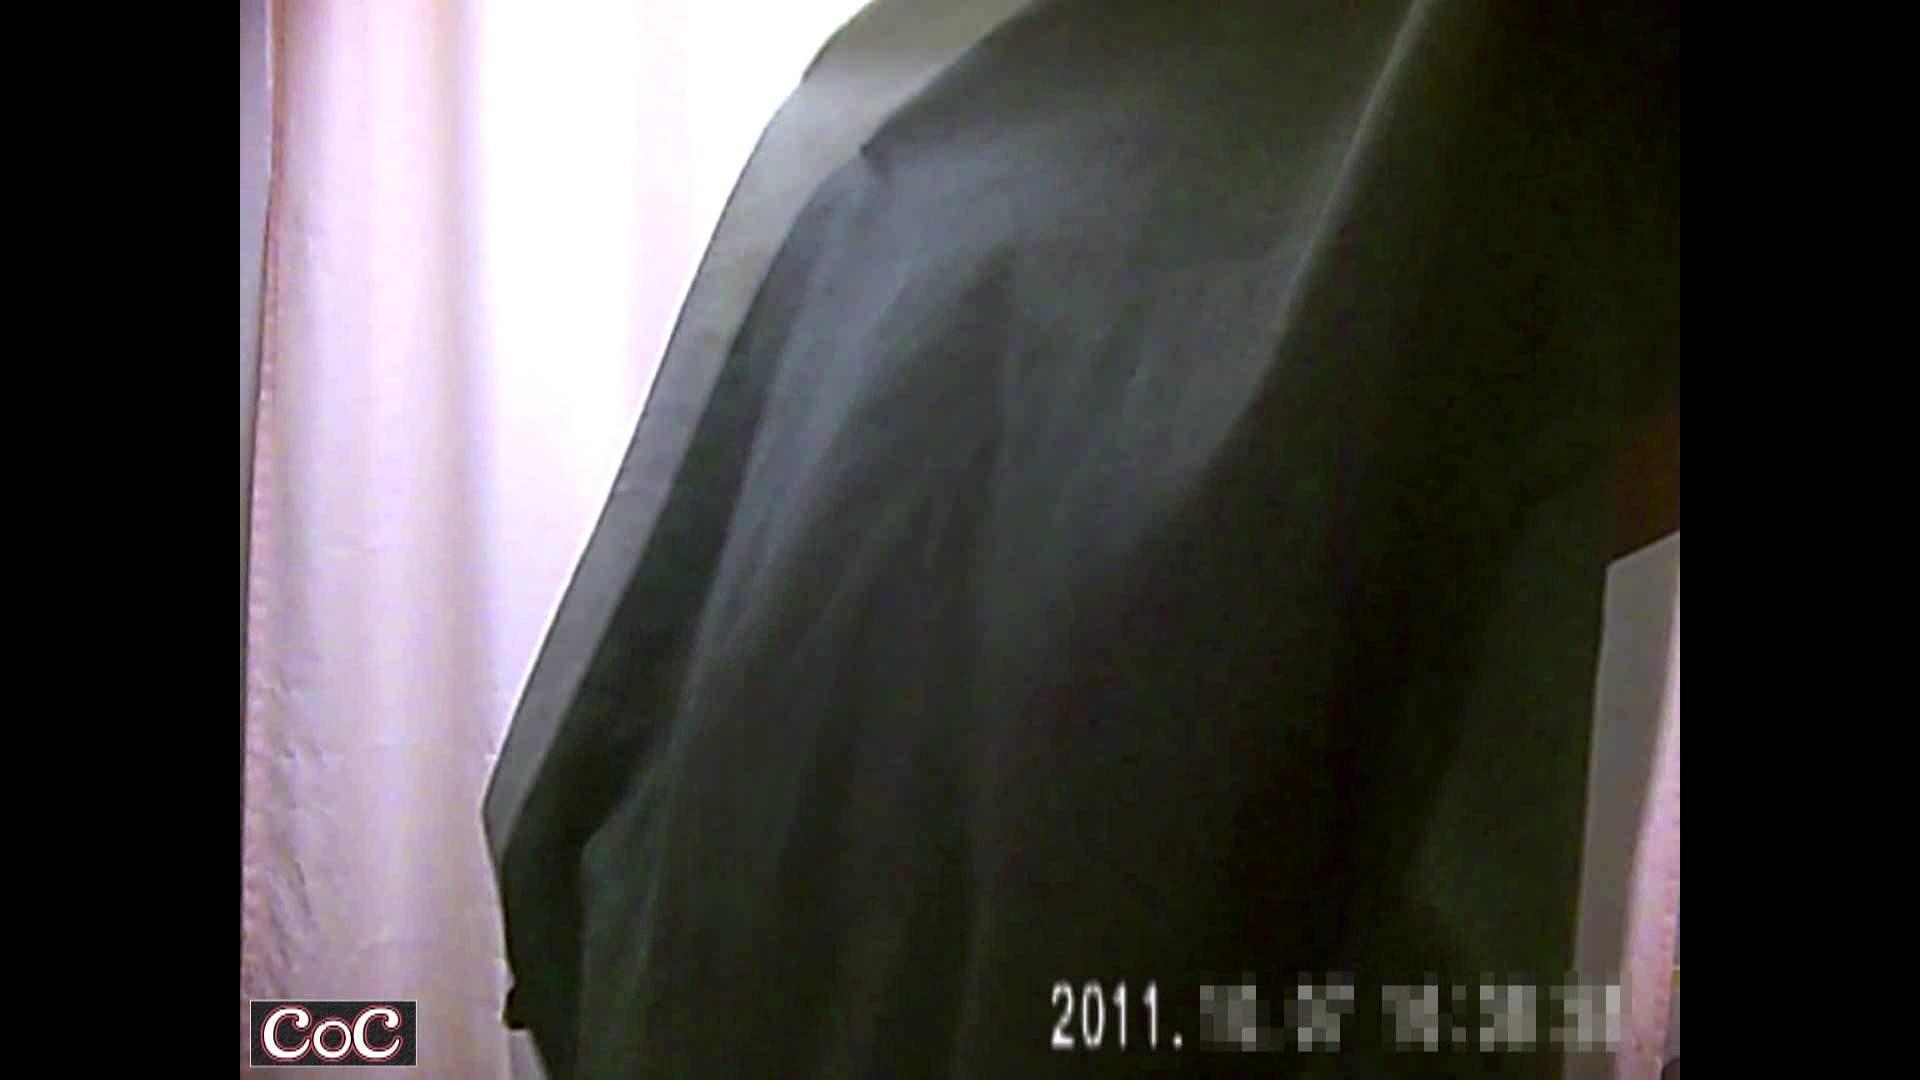 病院おもいっきり着替え! vol.53 OLセックス 盗撮エロ画像 88画像 51